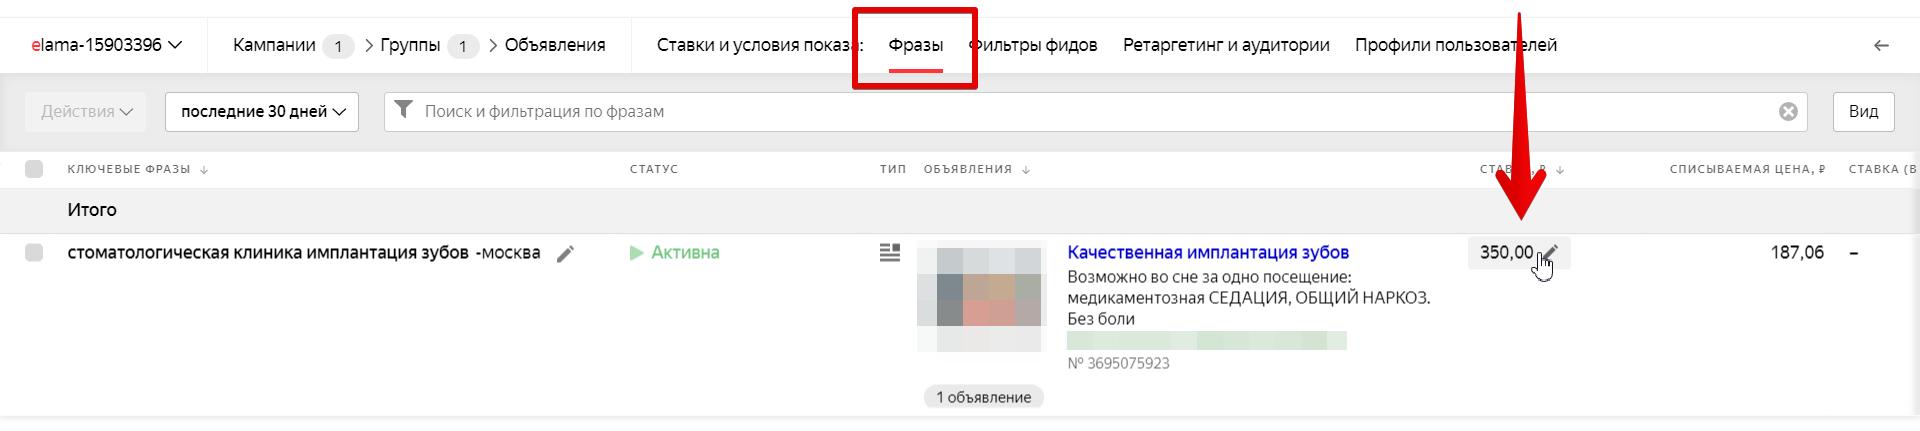 Корректировка ставок в рекламной кампании Яндекс.Директ